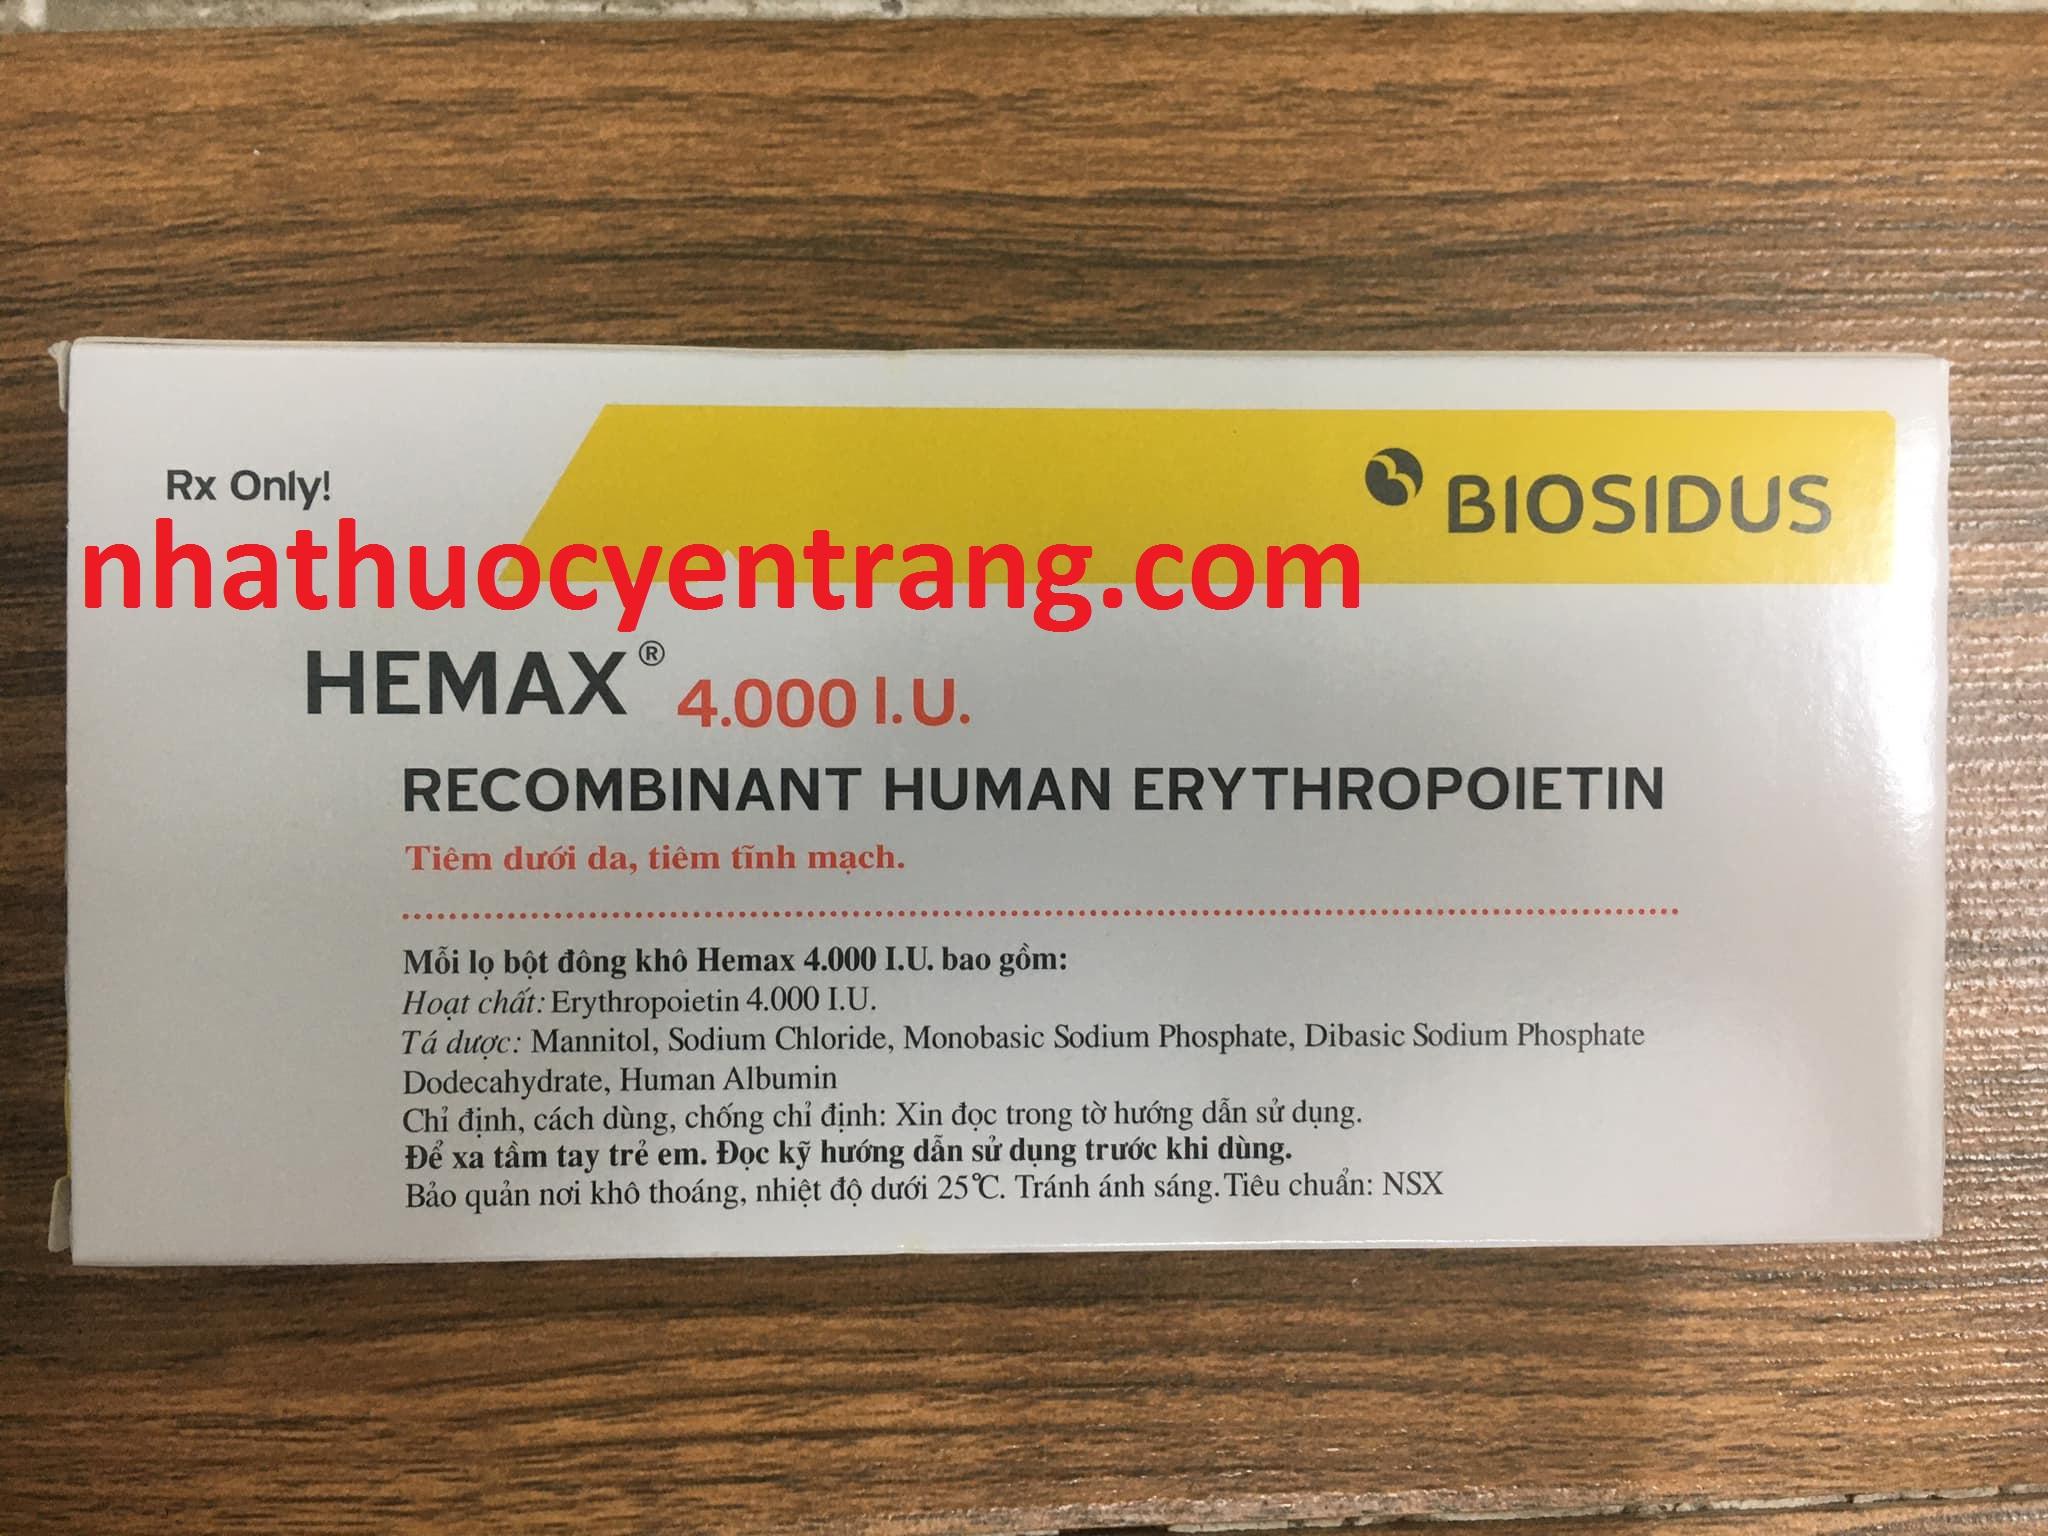 Hemax 4000 UI